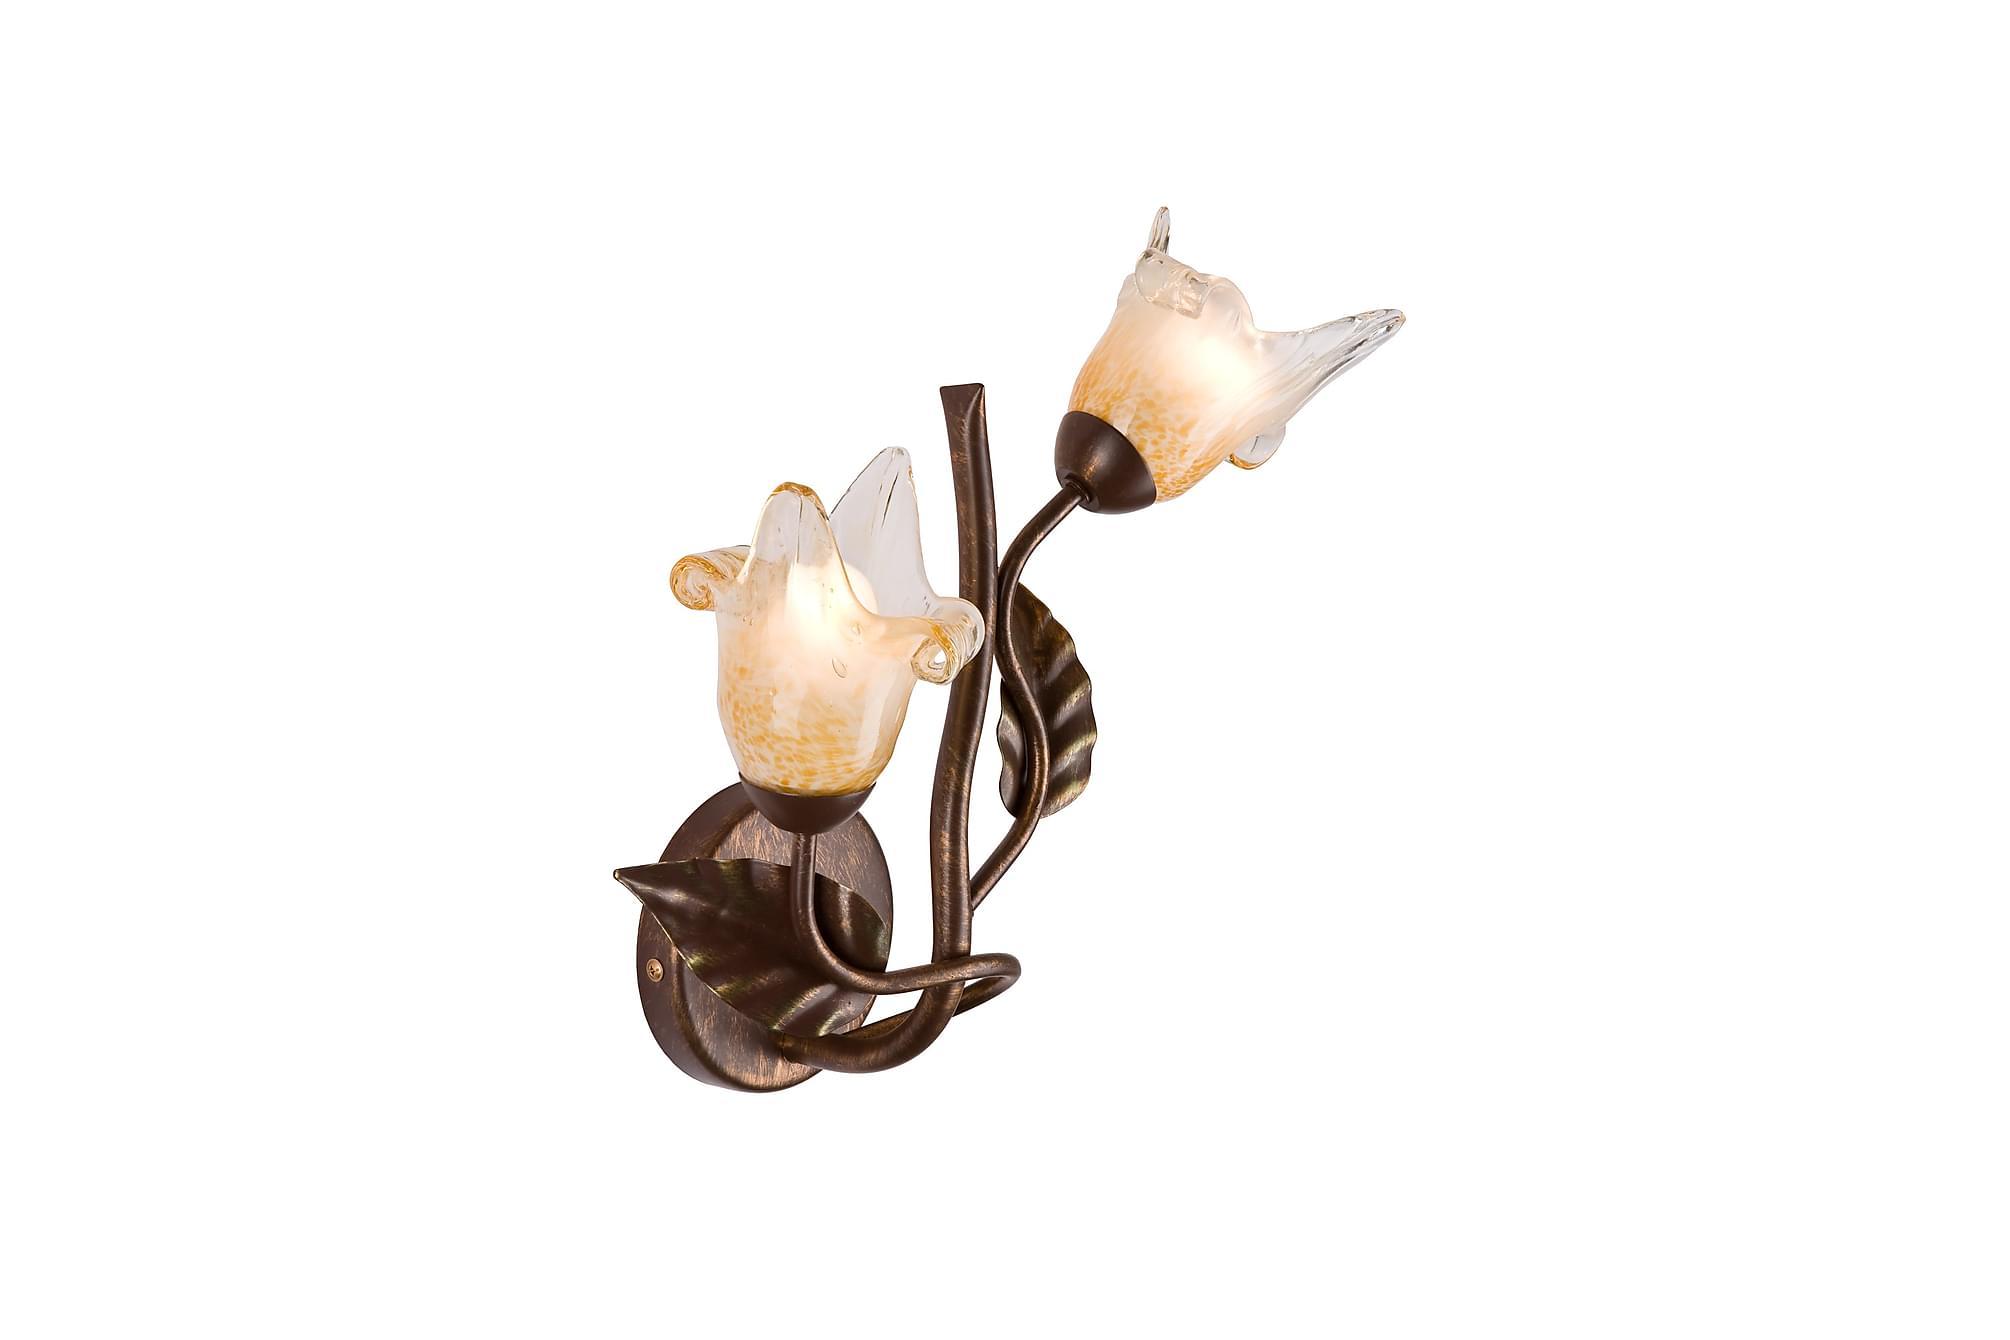 ALBAREDO Vägglampa Brun, Vägglampor